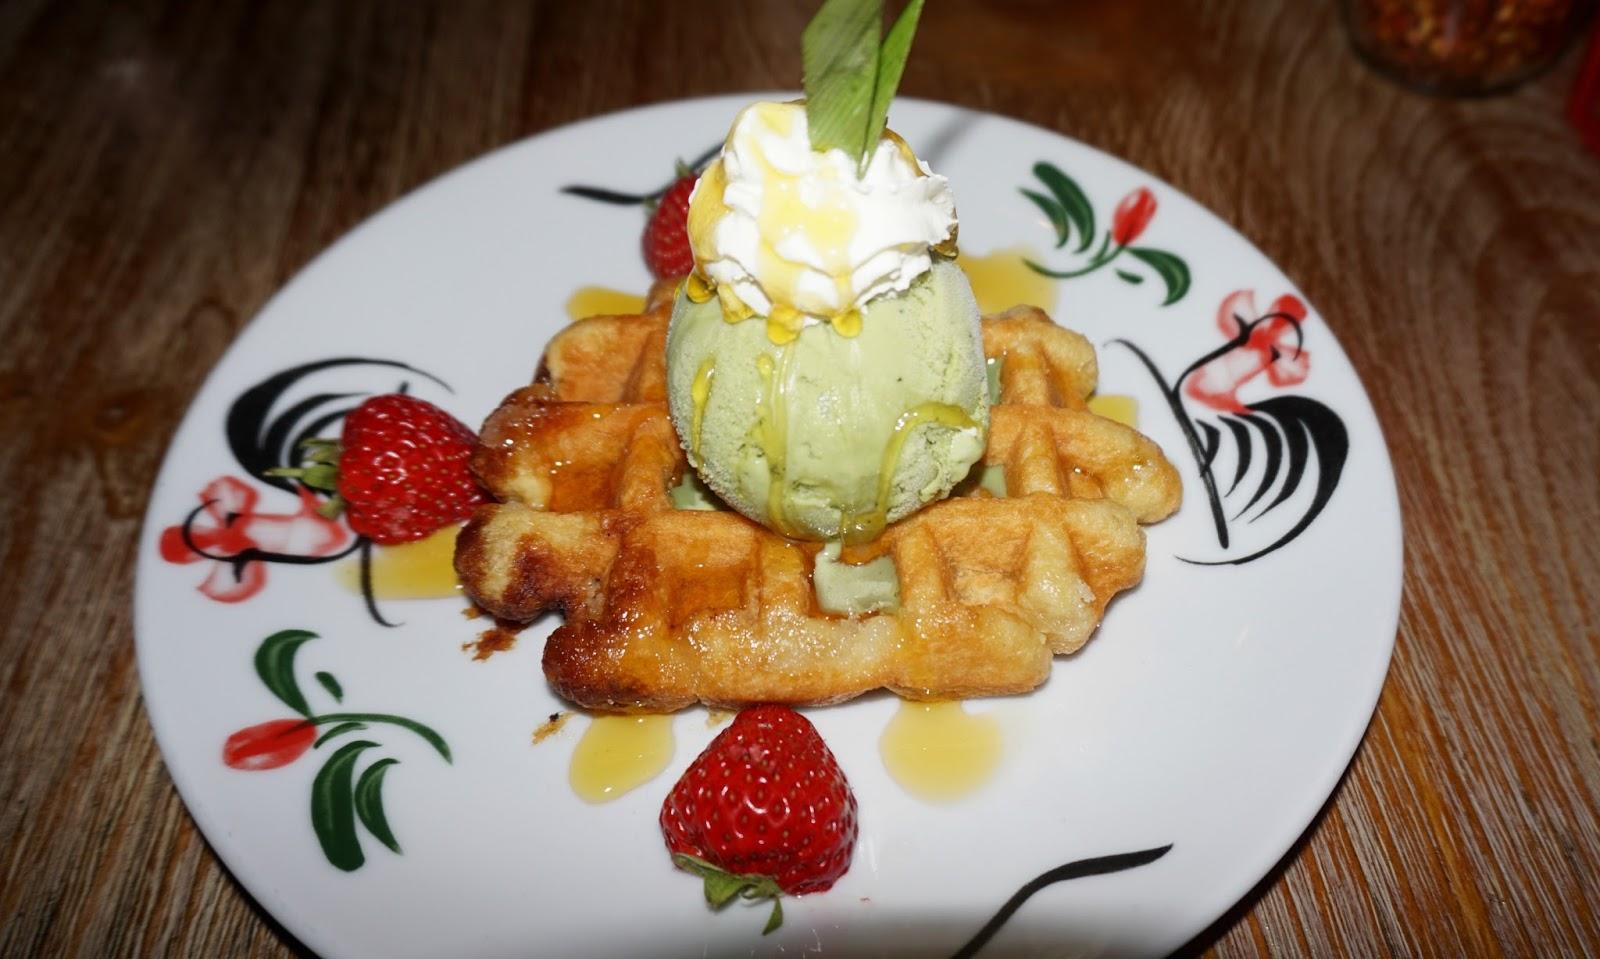 Thaikhun Thai Waffle Green Tea Ice Cream Dessert